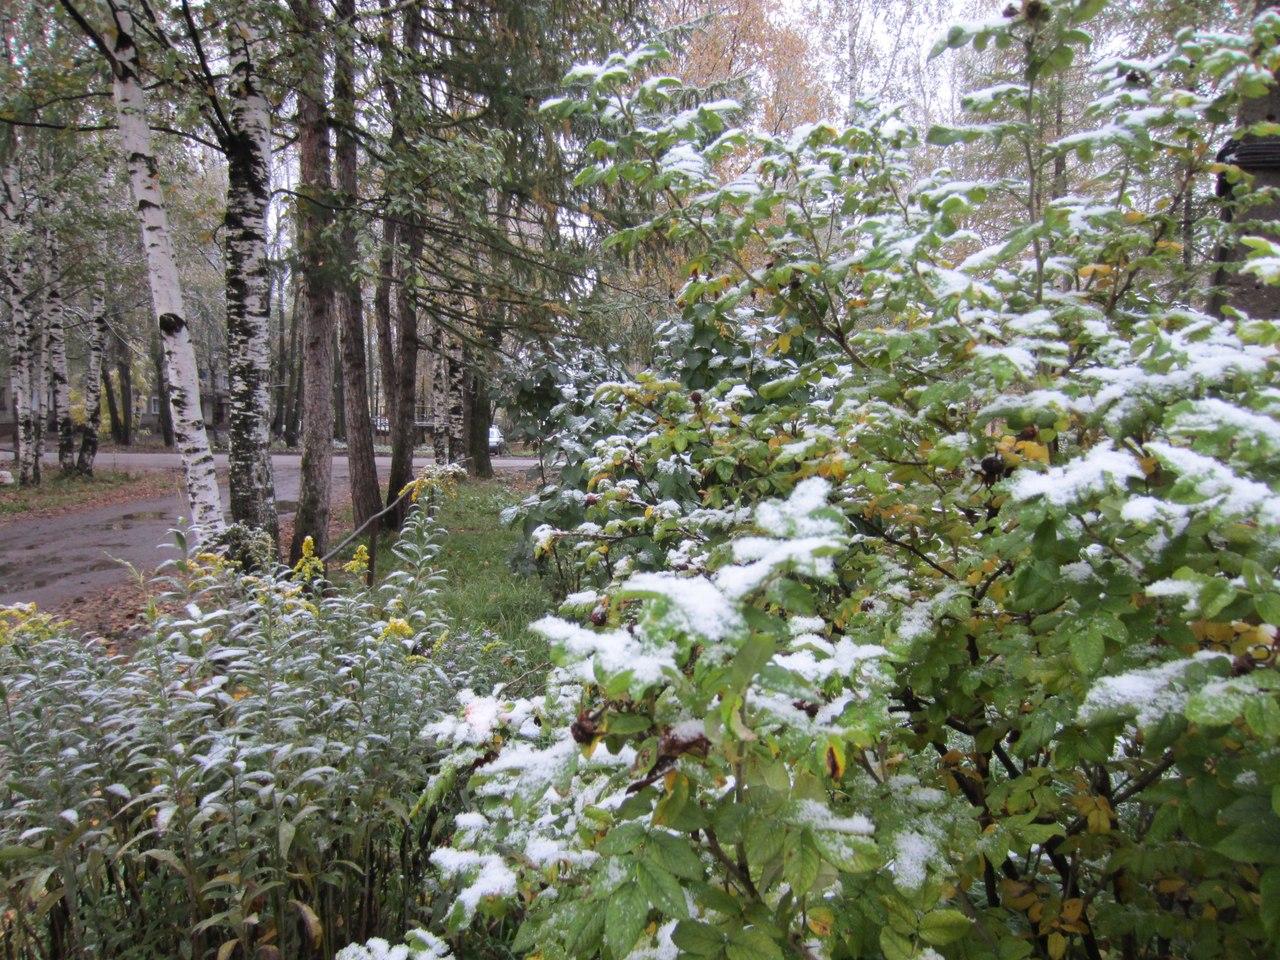 Ну и погода в Кирове - Прогноз погоды на 2 недели